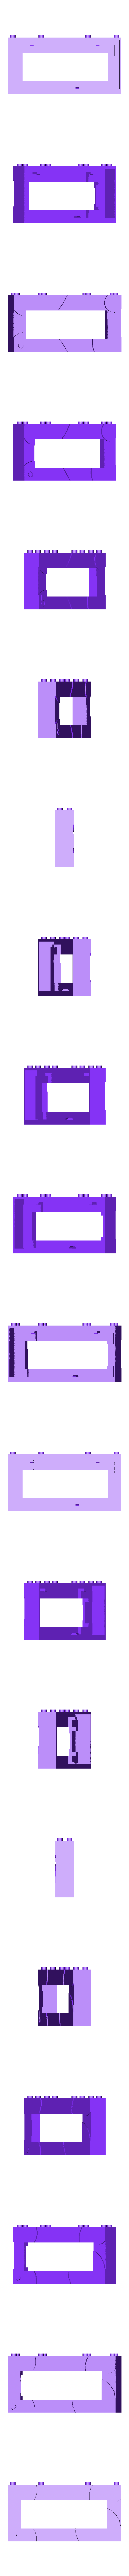 bb5212LCD-16x2.stl Télécharger fichier STL gratuit Monture en brique pour écran LCD 16x2. • Objet pour imprimante 3D, Lassaalk